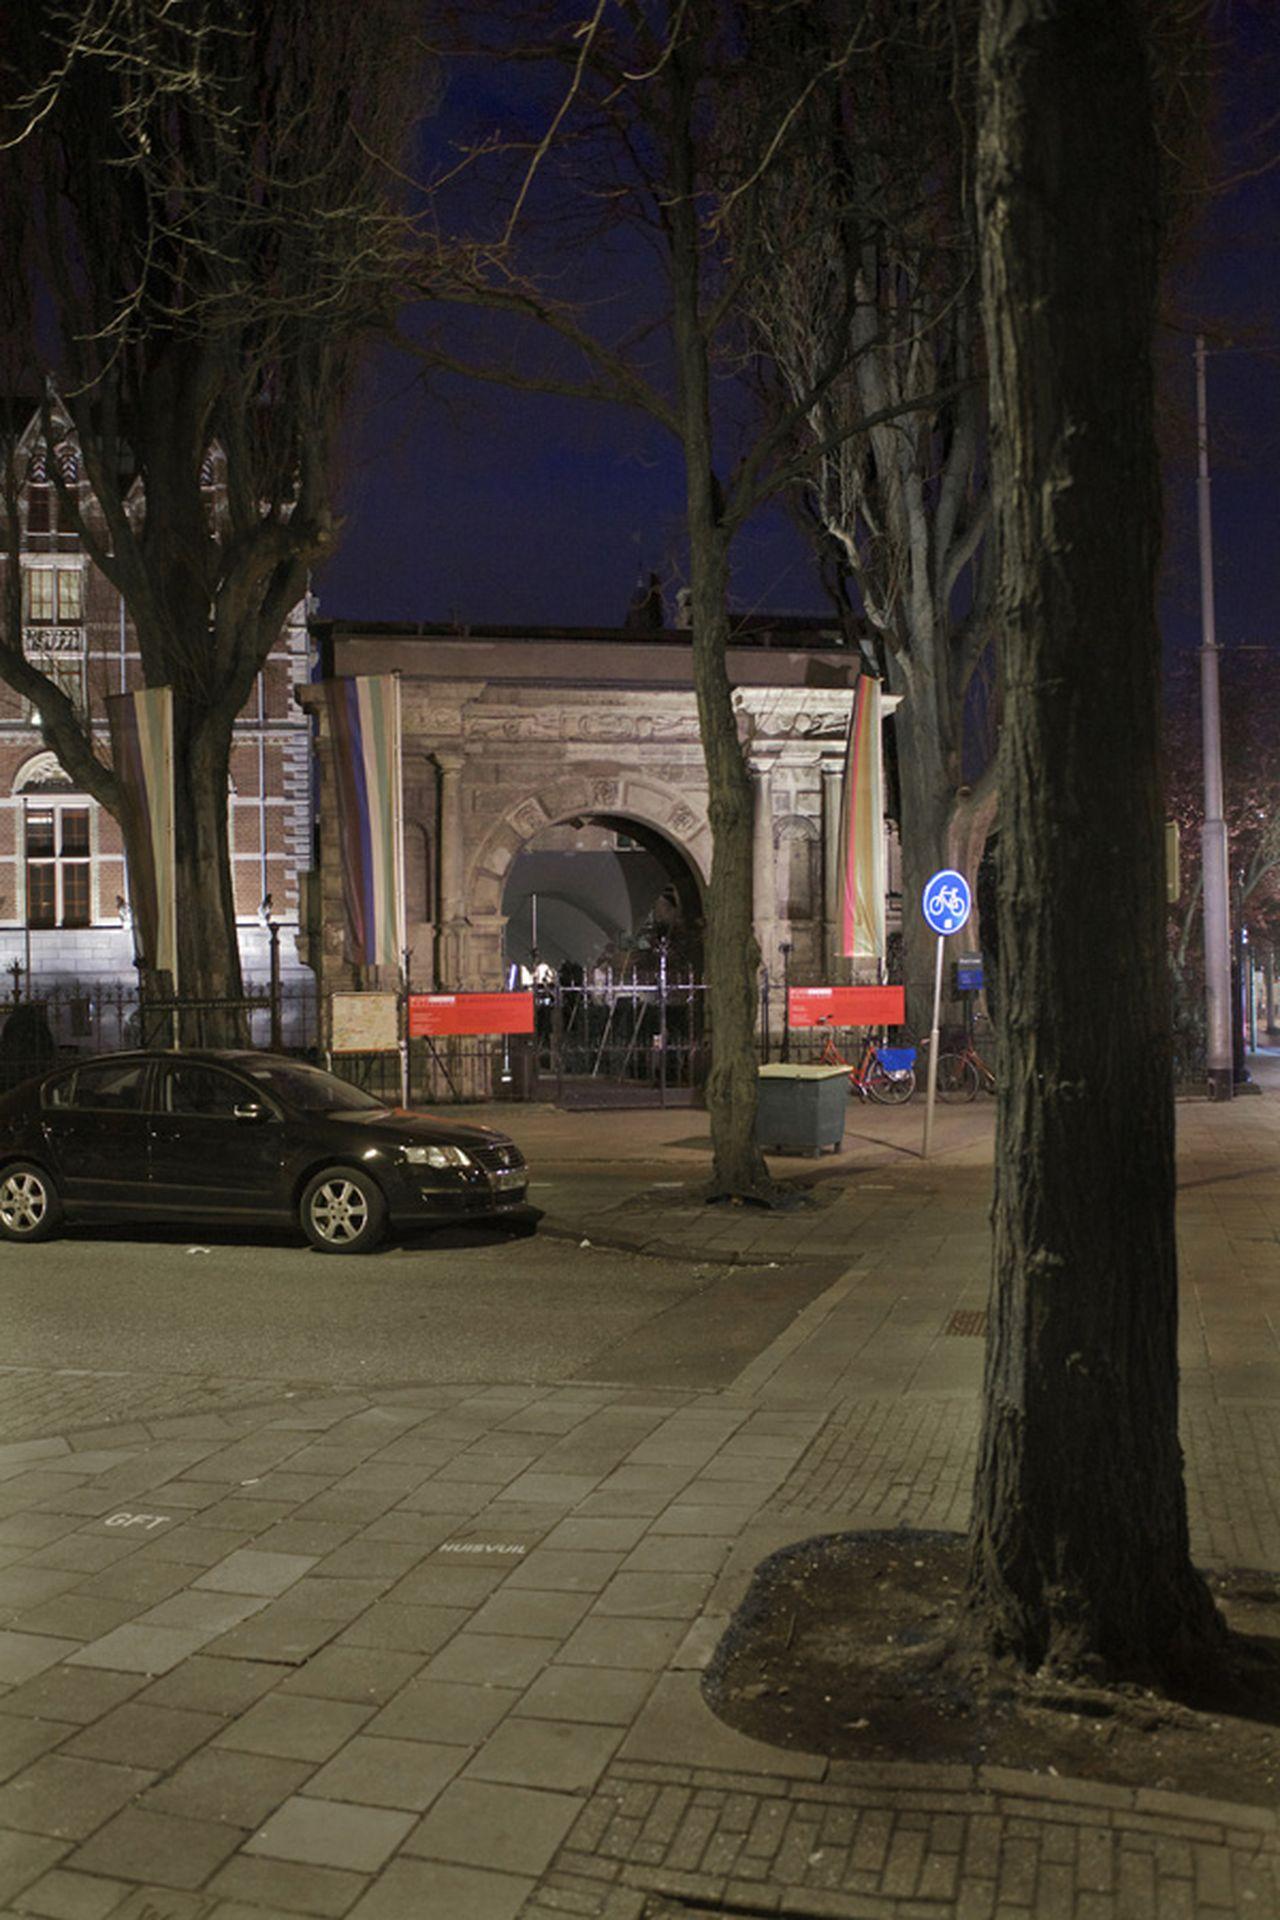 Museum bij avond (1950), Rijksmuseum, hoek Jan Luijkenstraat en Paulus Potterstraat, met Groningse poort  (foto)